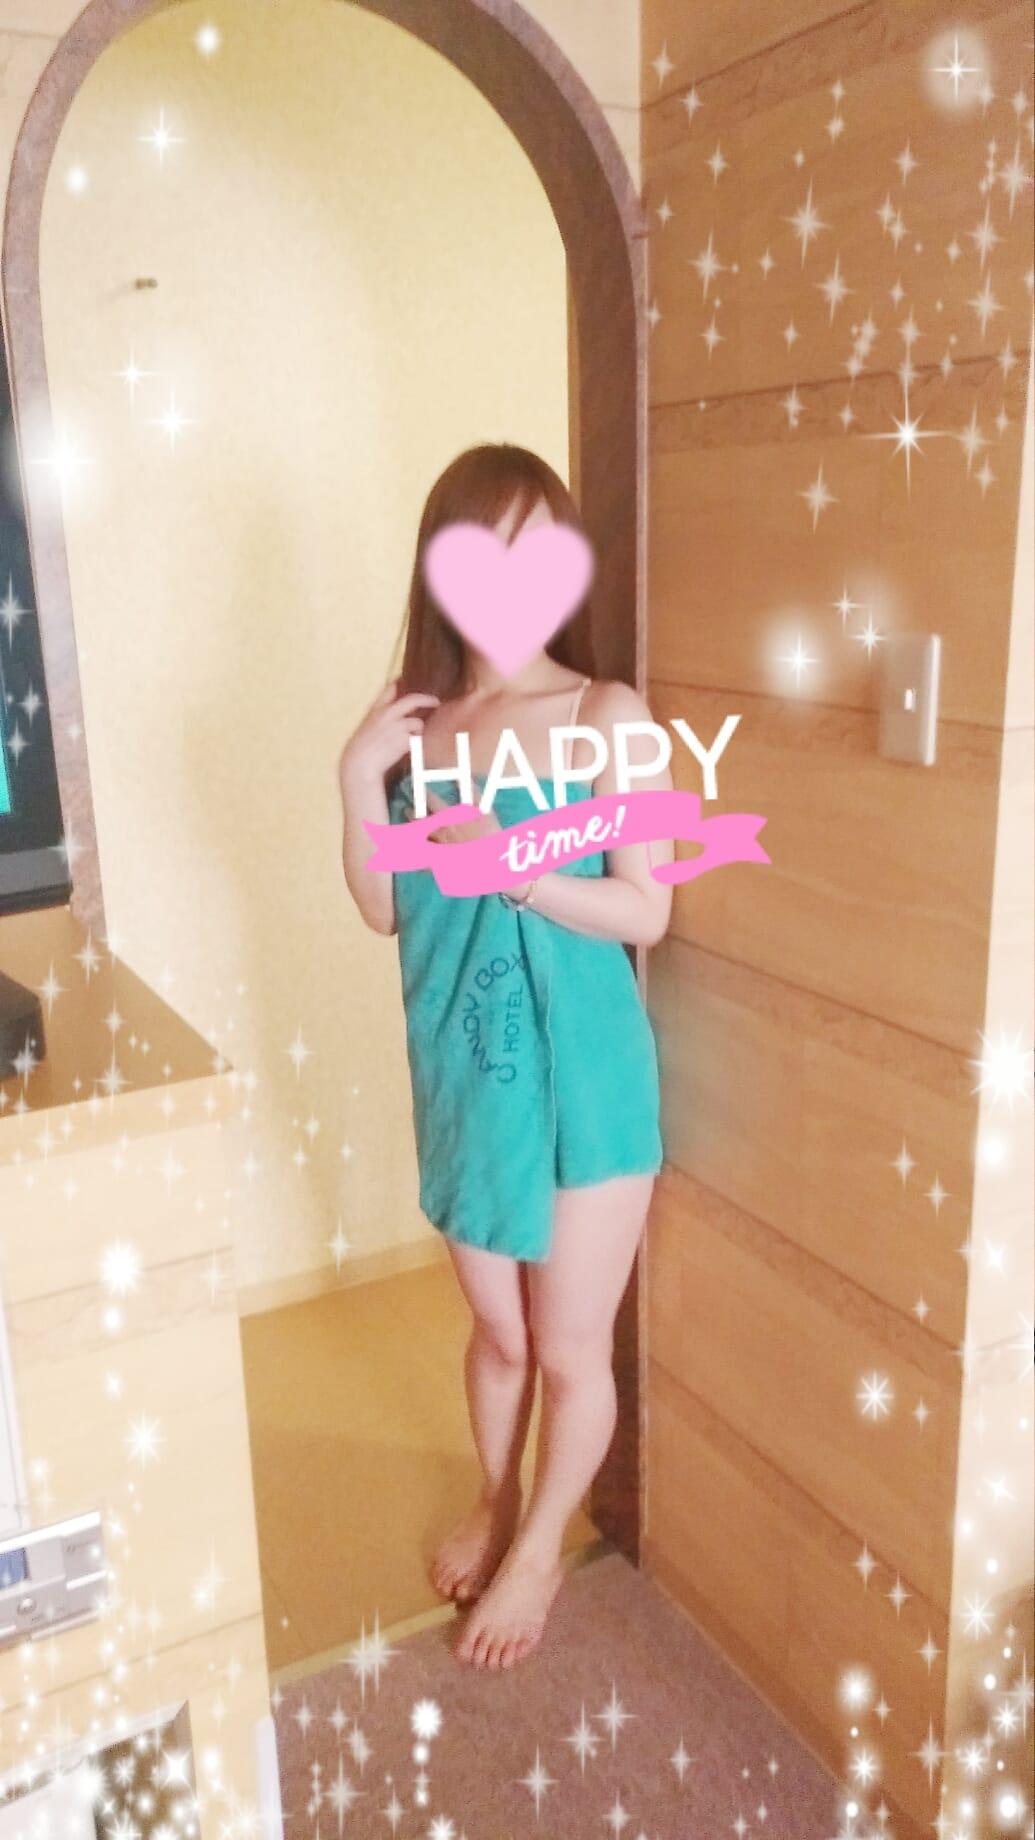 「お礼ですm(_ _)m」05/18(05/18) 13:10 | あやの写メ・風俗動画